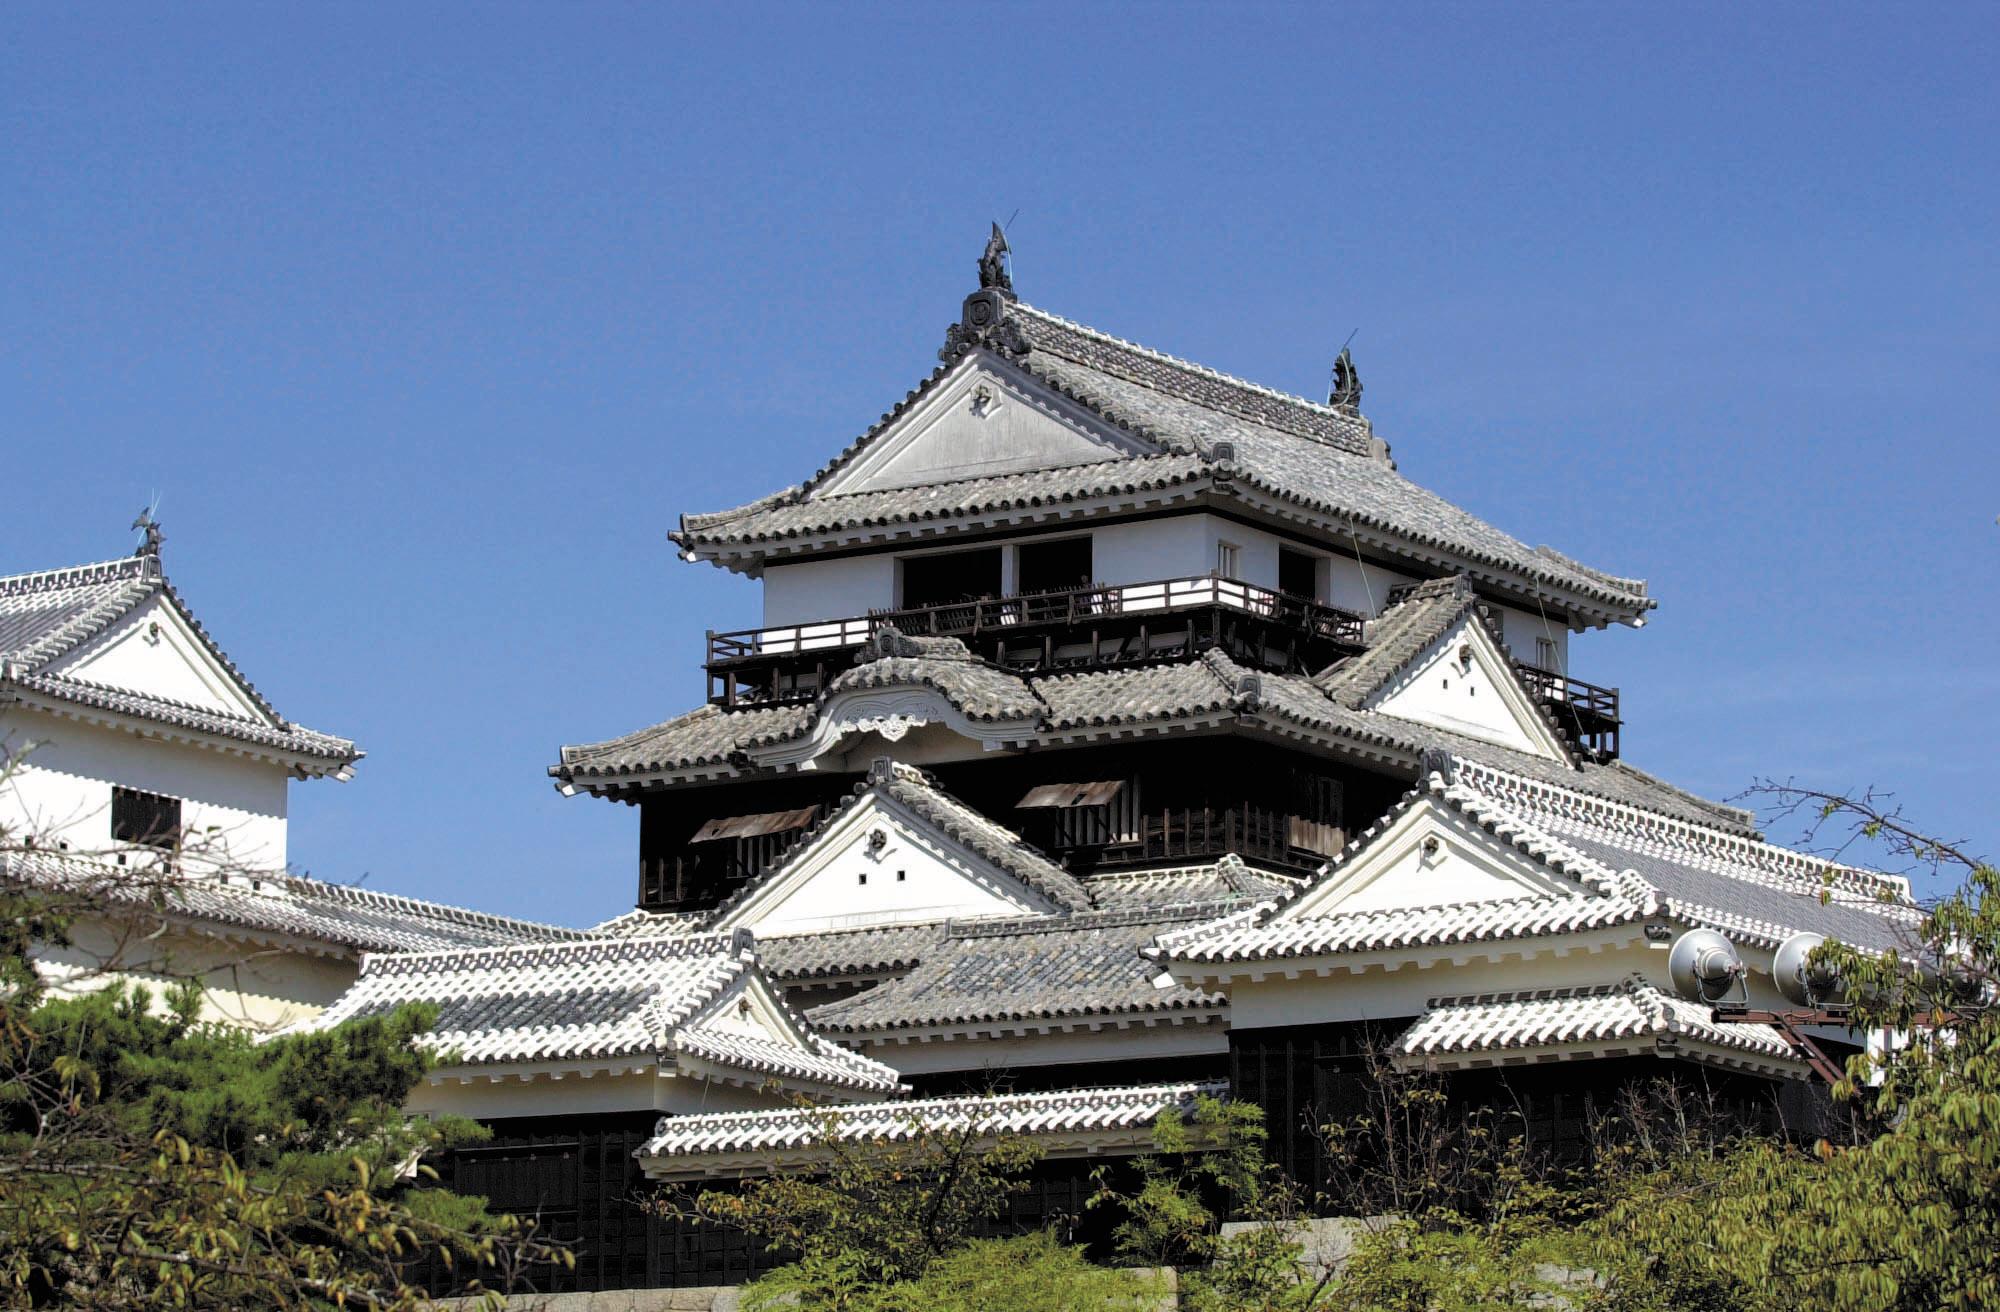 松山市観光おすすめスポット21!地図を片手に市内めぐり!カフェもあり!